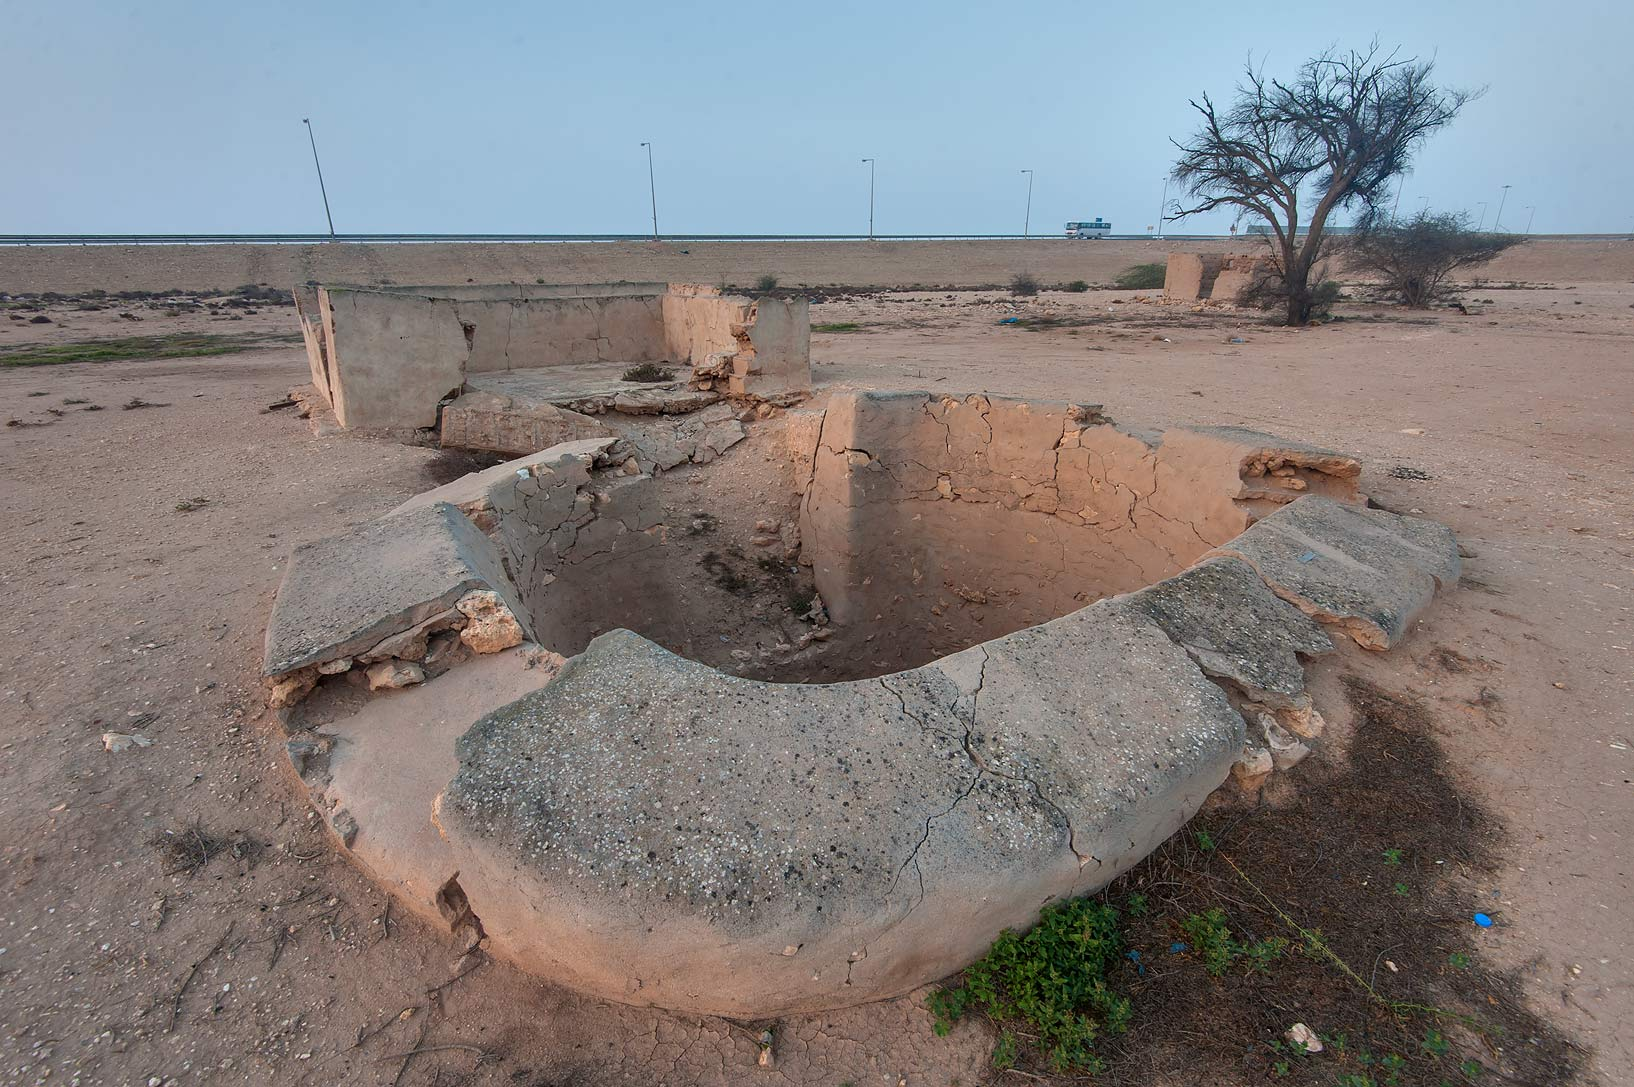 photo 156901 uwaynat bin husayn water well near simaisma